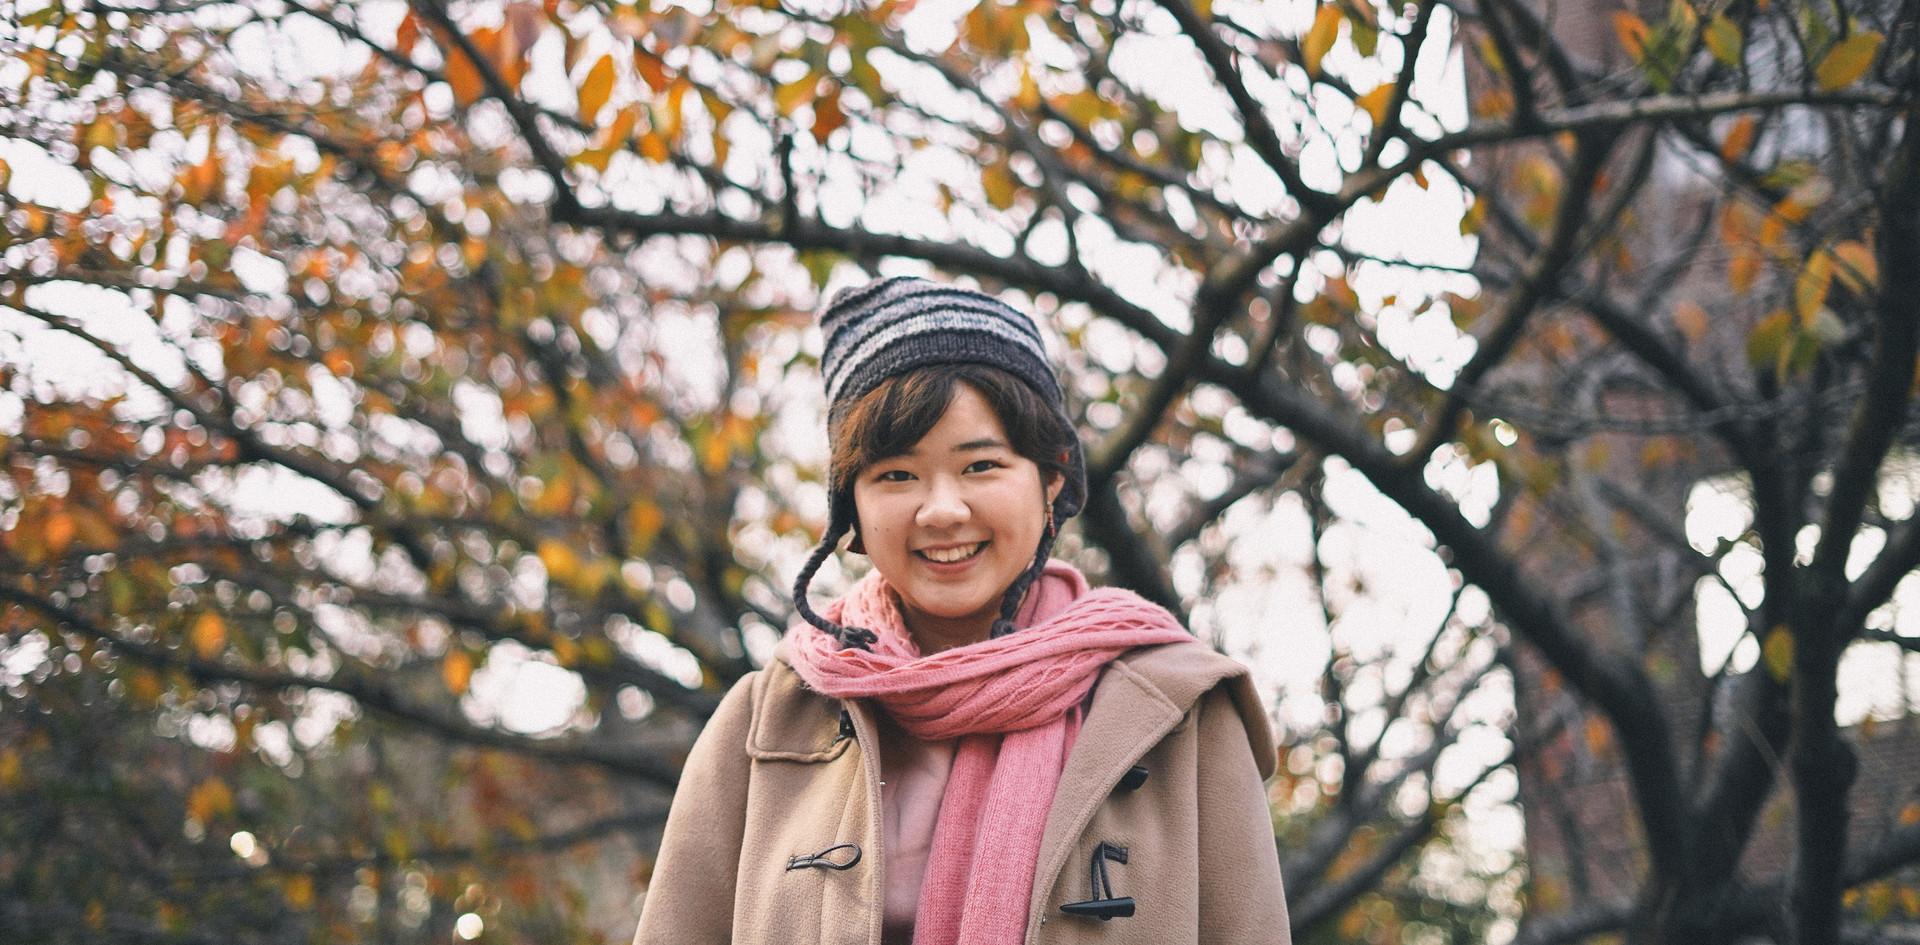 模特 Model/俞斯敏 SzuMin Yu